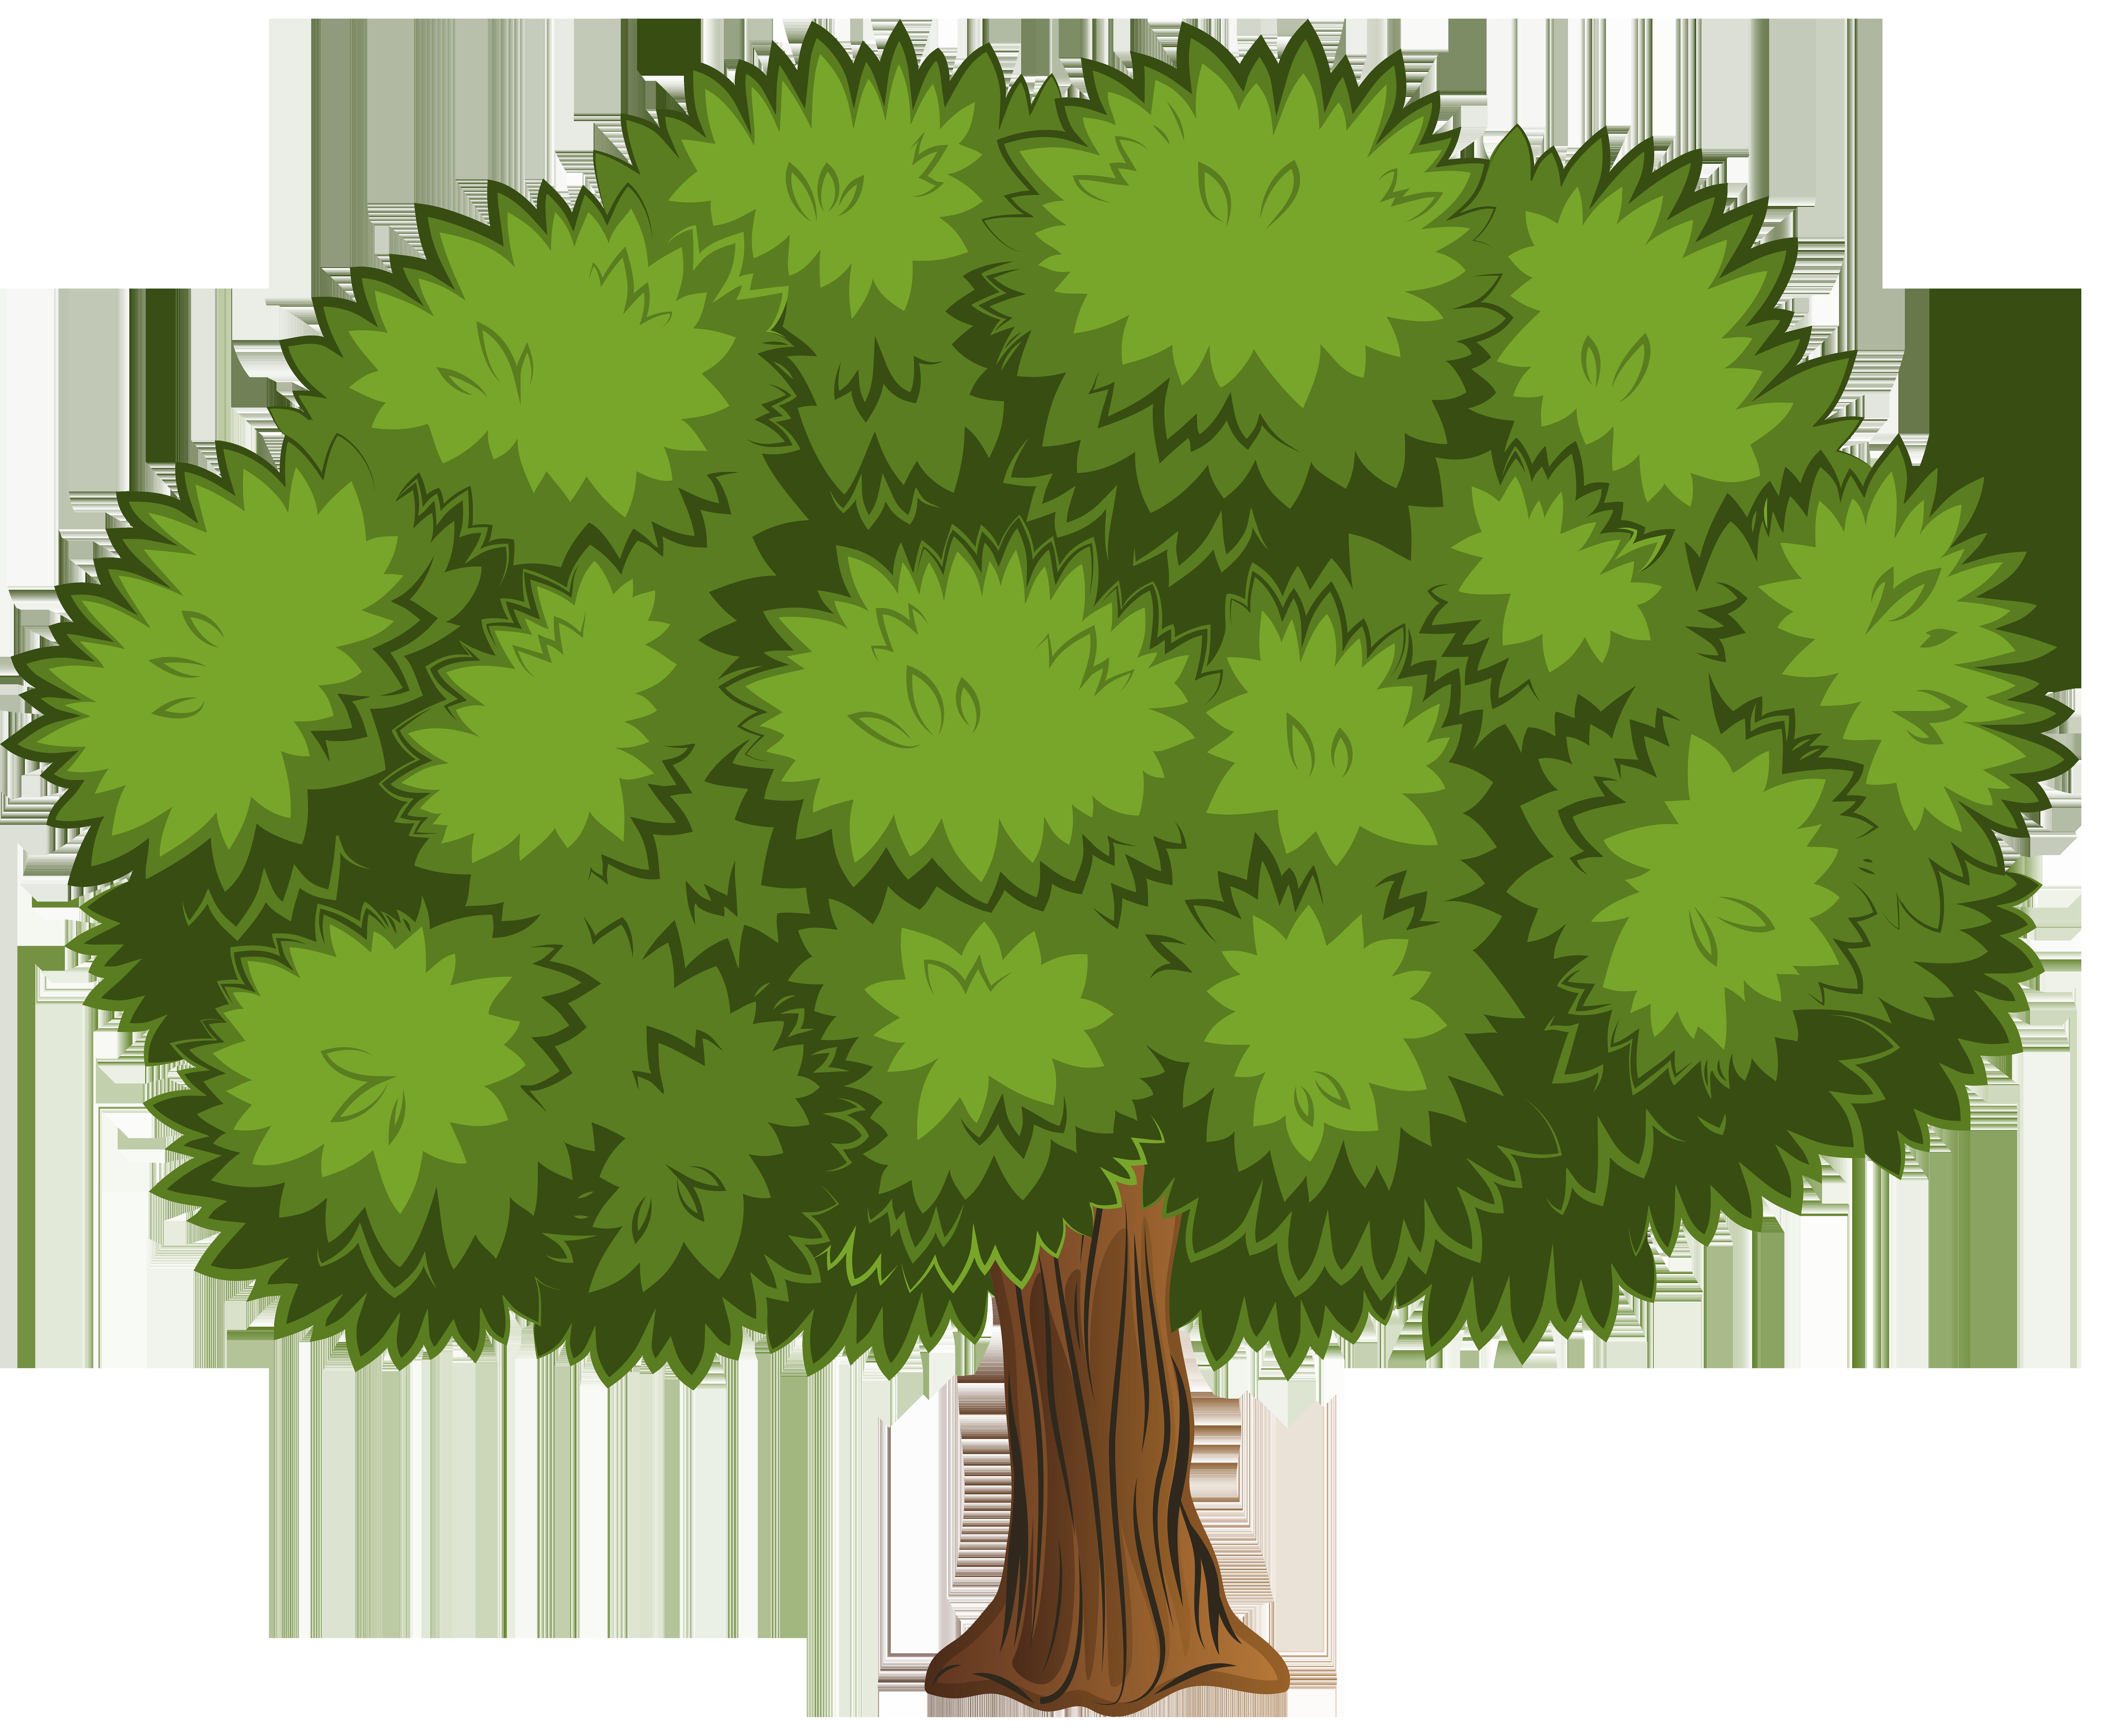 Картинки дерева для детей цветные по отдельности